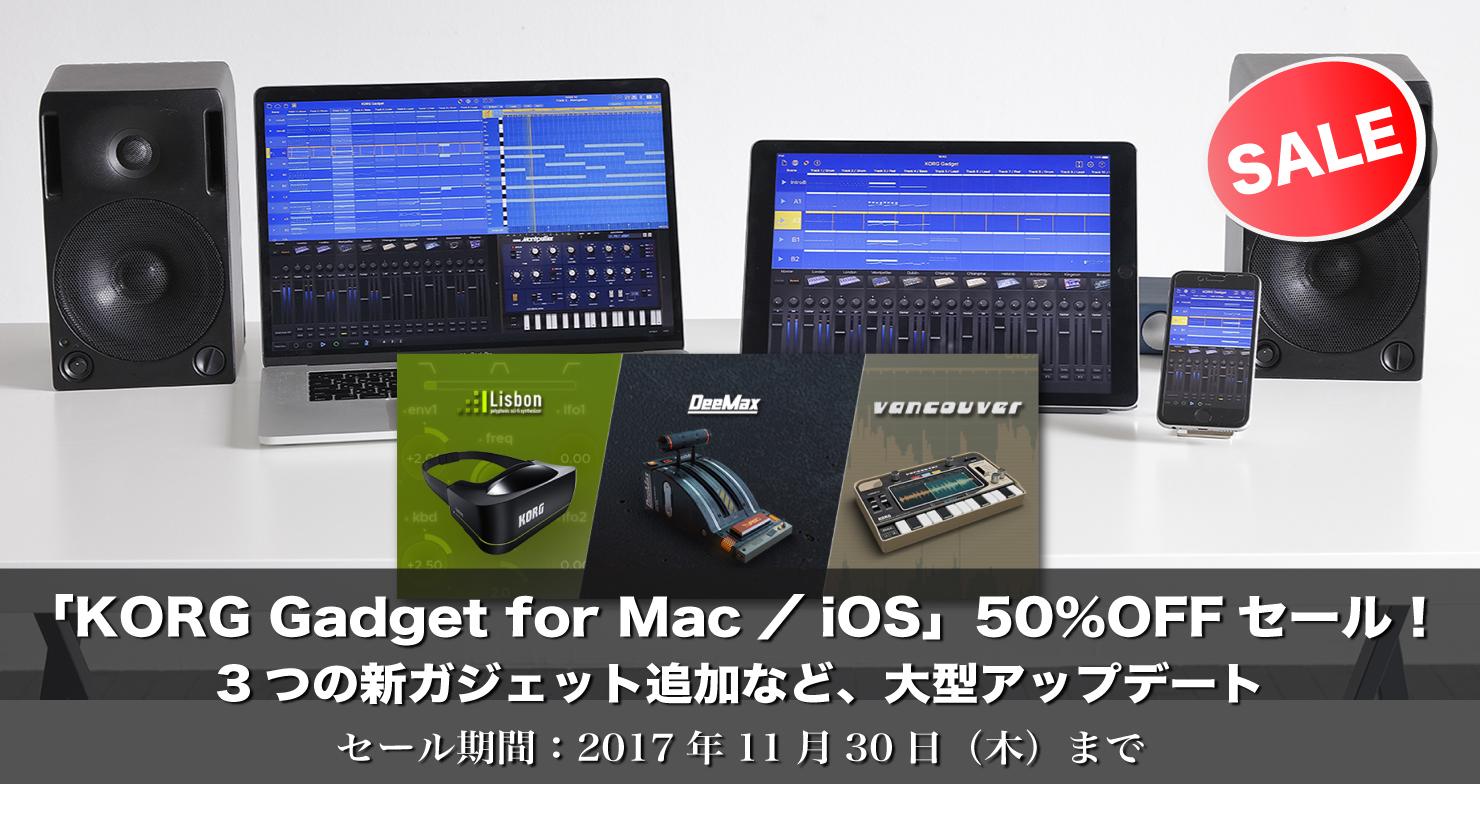 【今だけ半額】KORG Gadget for Mac/iOS 大型アップデートと50%OFFセール実施中!